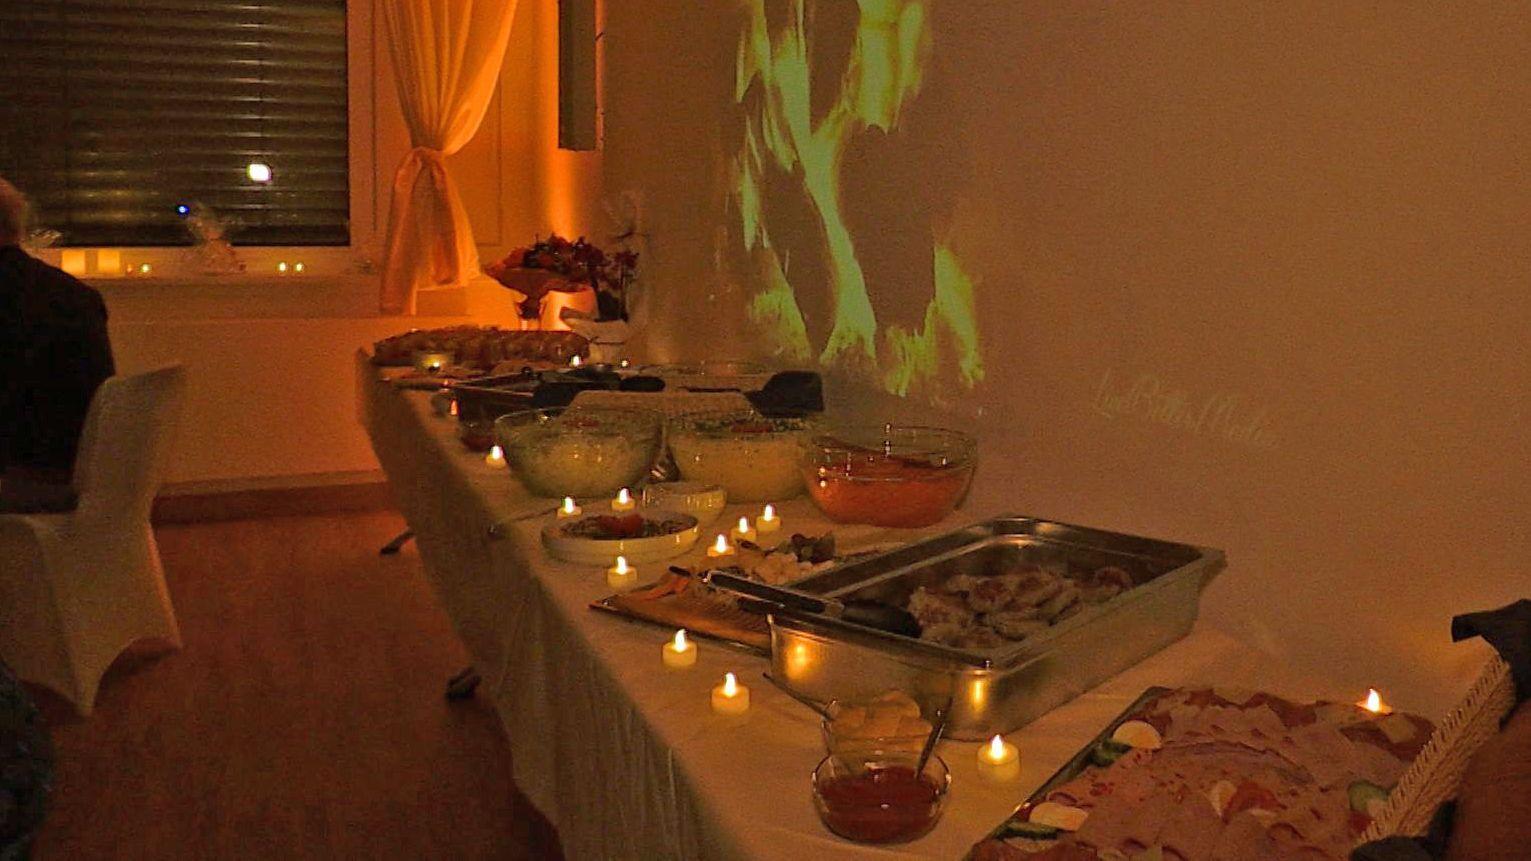 Speisenbuffet mit Teelichtern für die Bewerber um Pflegestellen